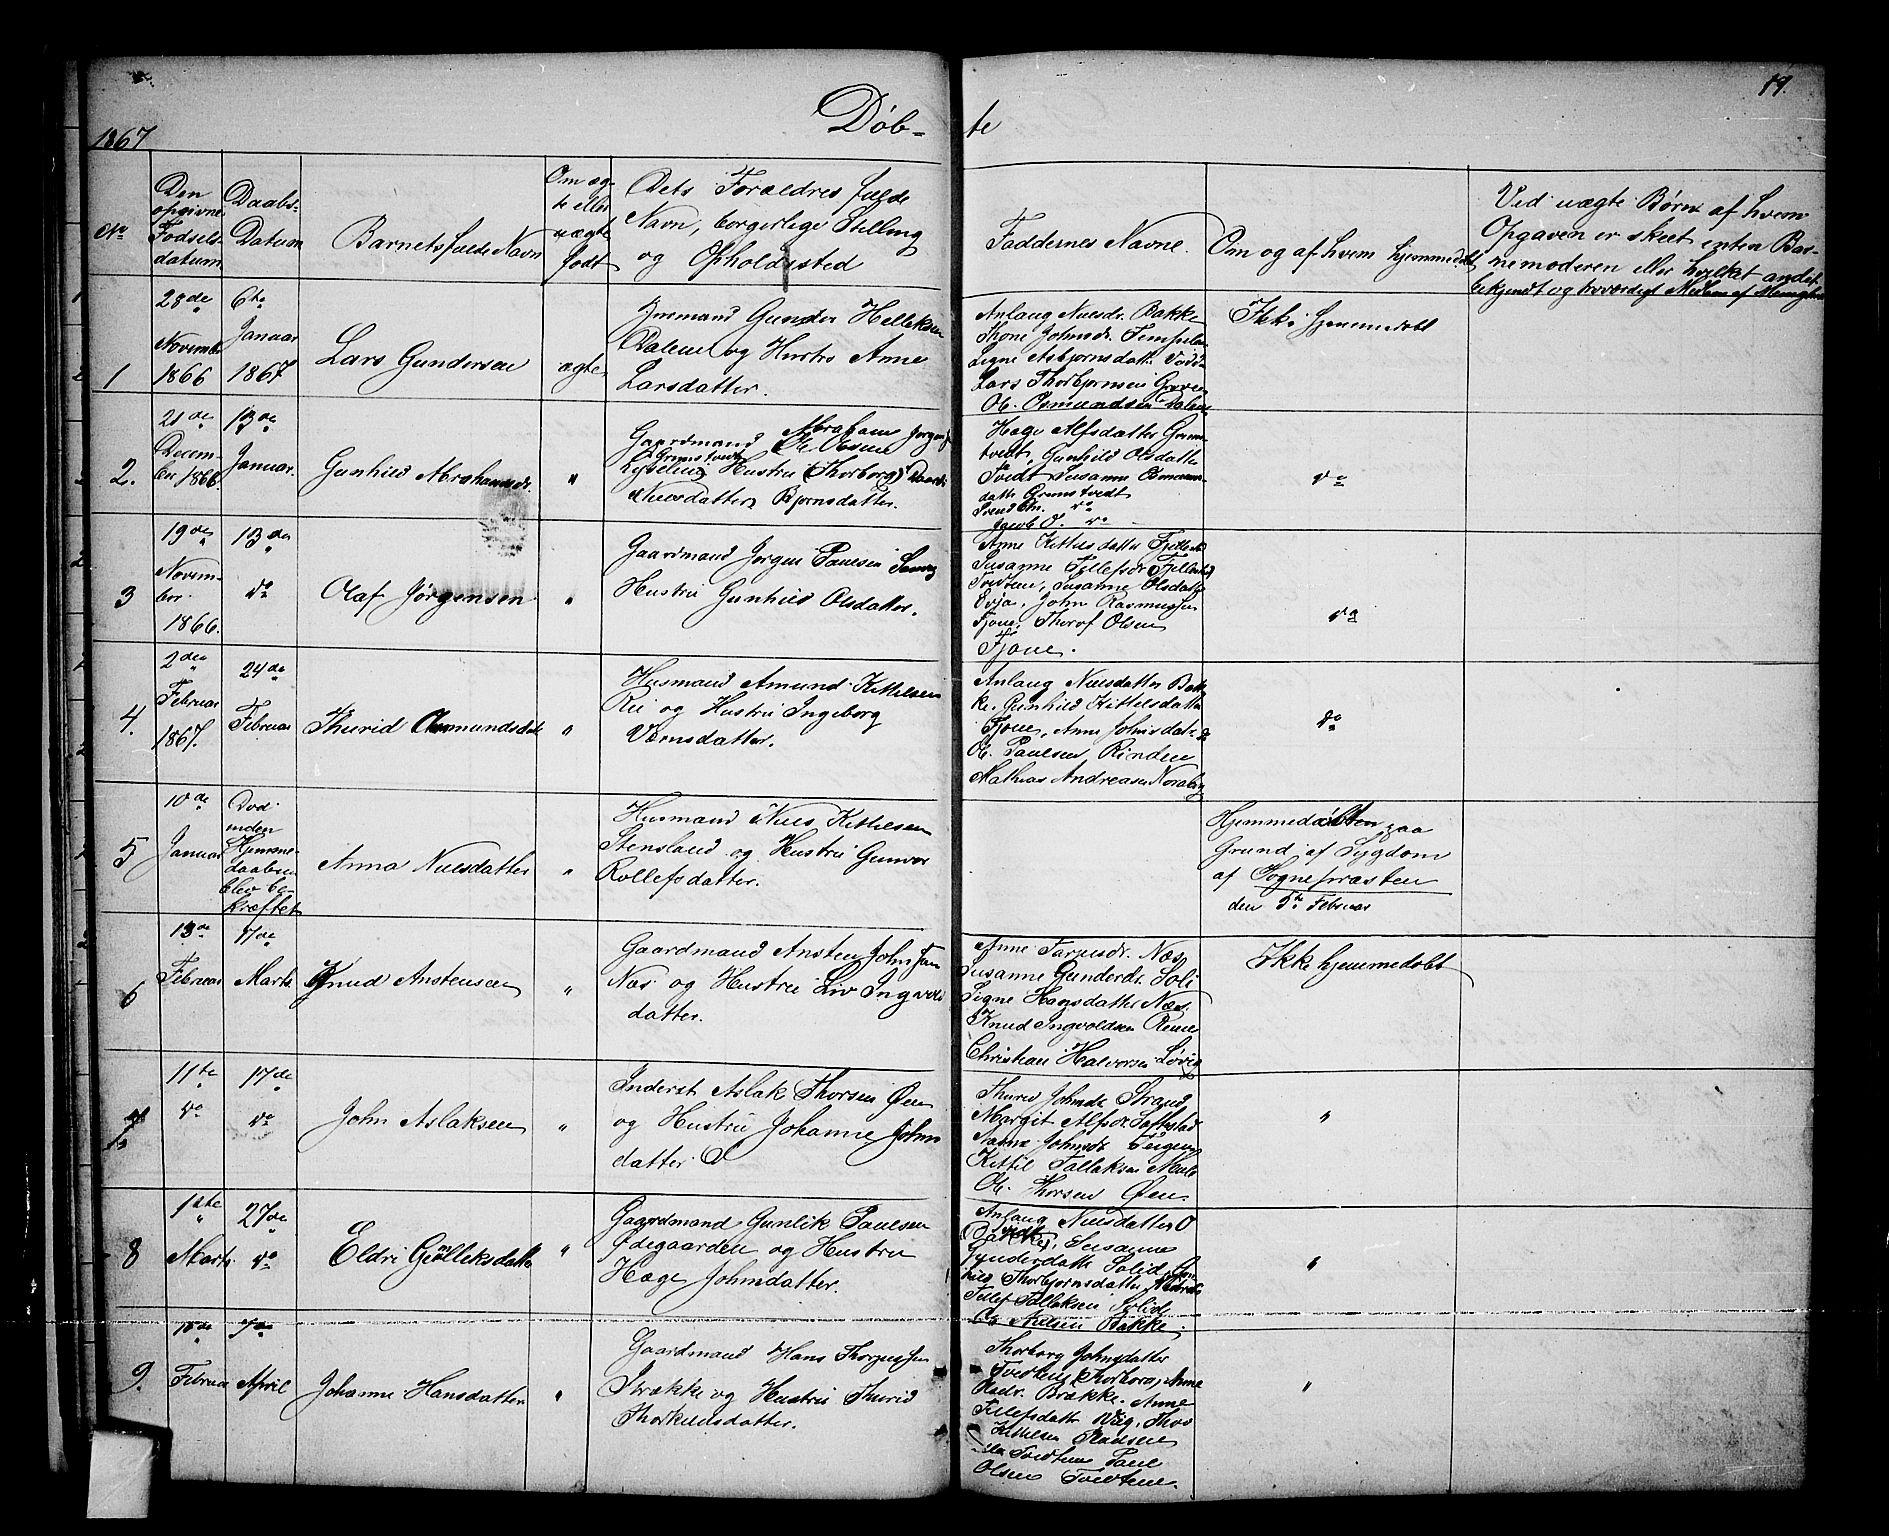 SAKO, Nissedal kirkebøker, G/Ga/L0002: Klokkerbok nr. I 2, 1861-1887, s. 17